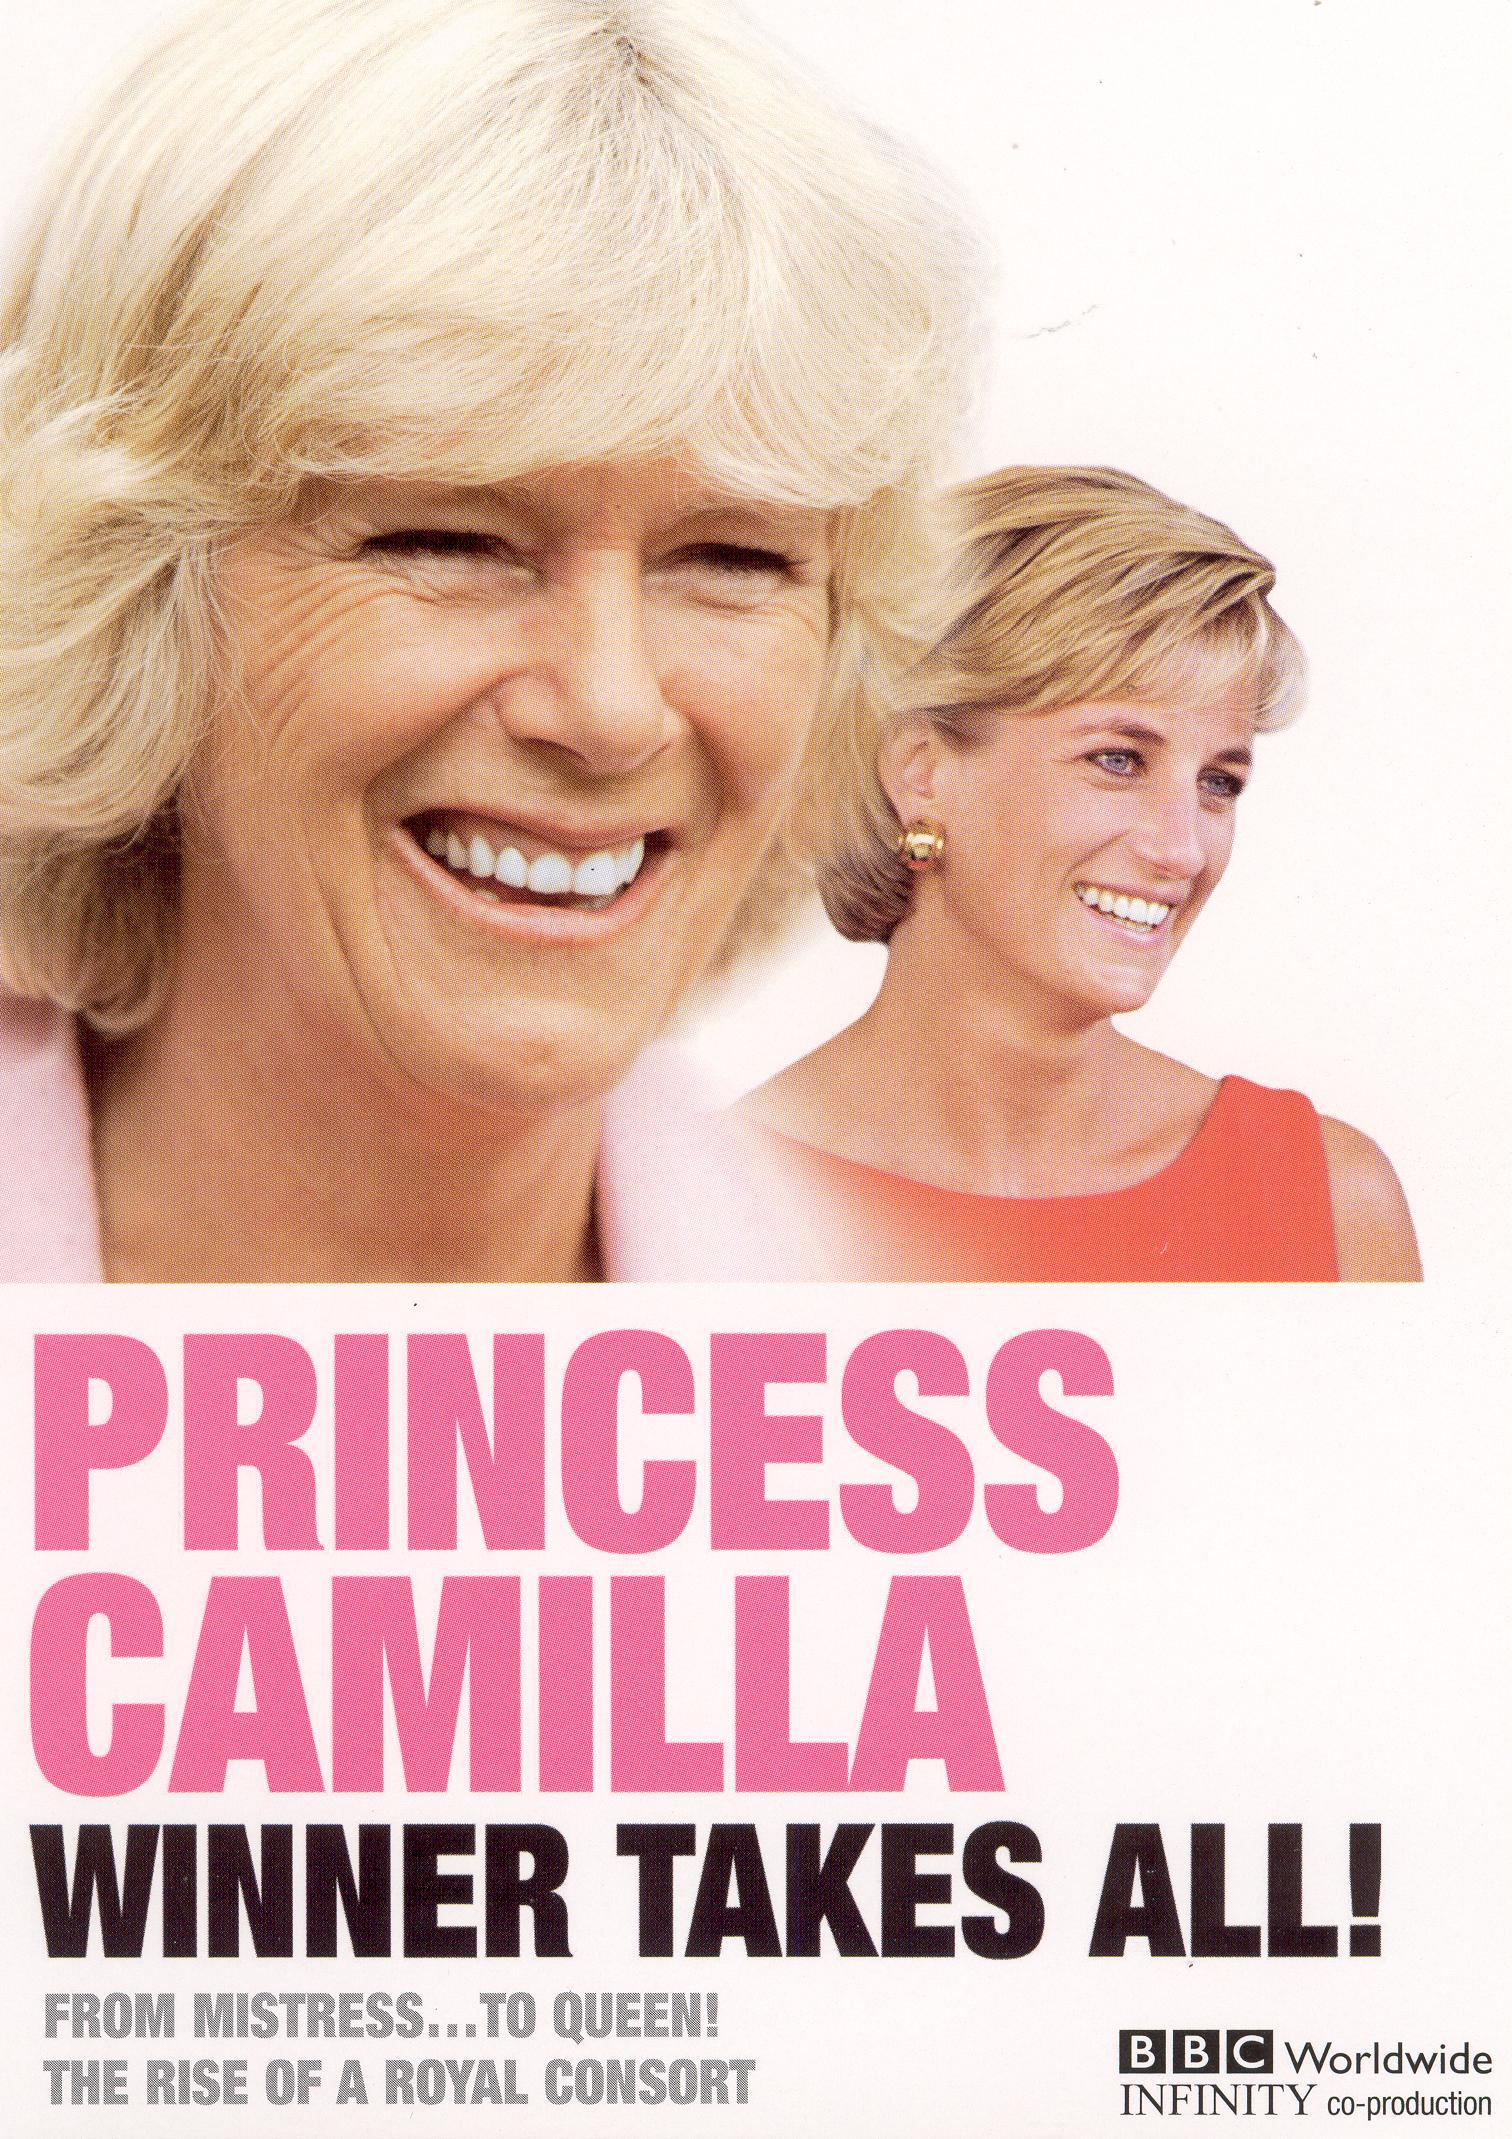 Royals Today: Princess Camilla - Winner Takes All!